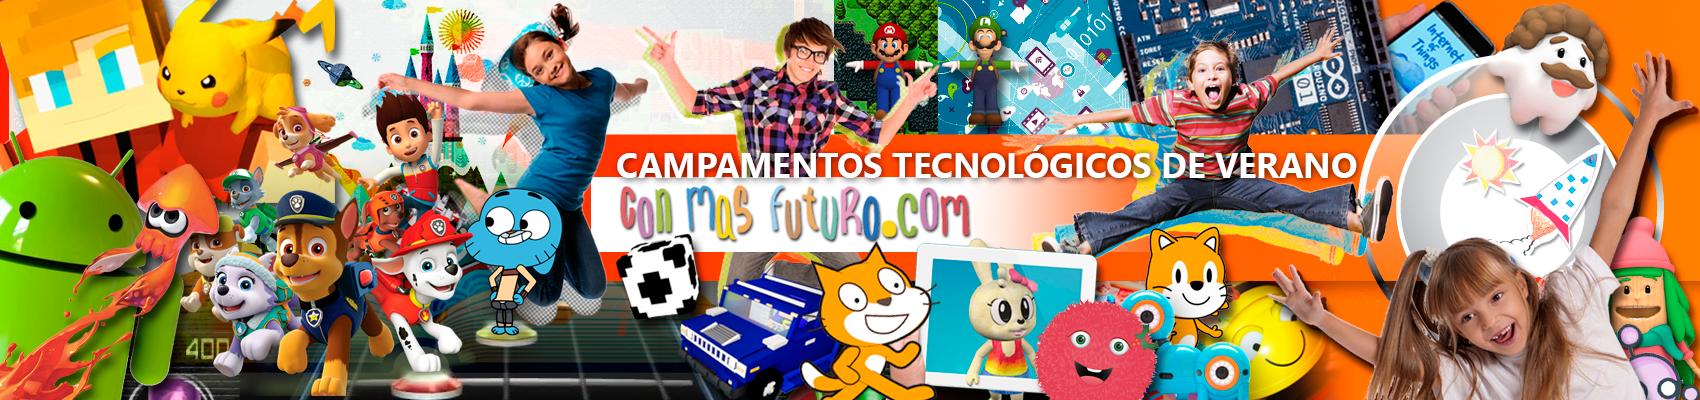 Campamentos Tecnológicos de Verano ConMasFuturo.com 2018